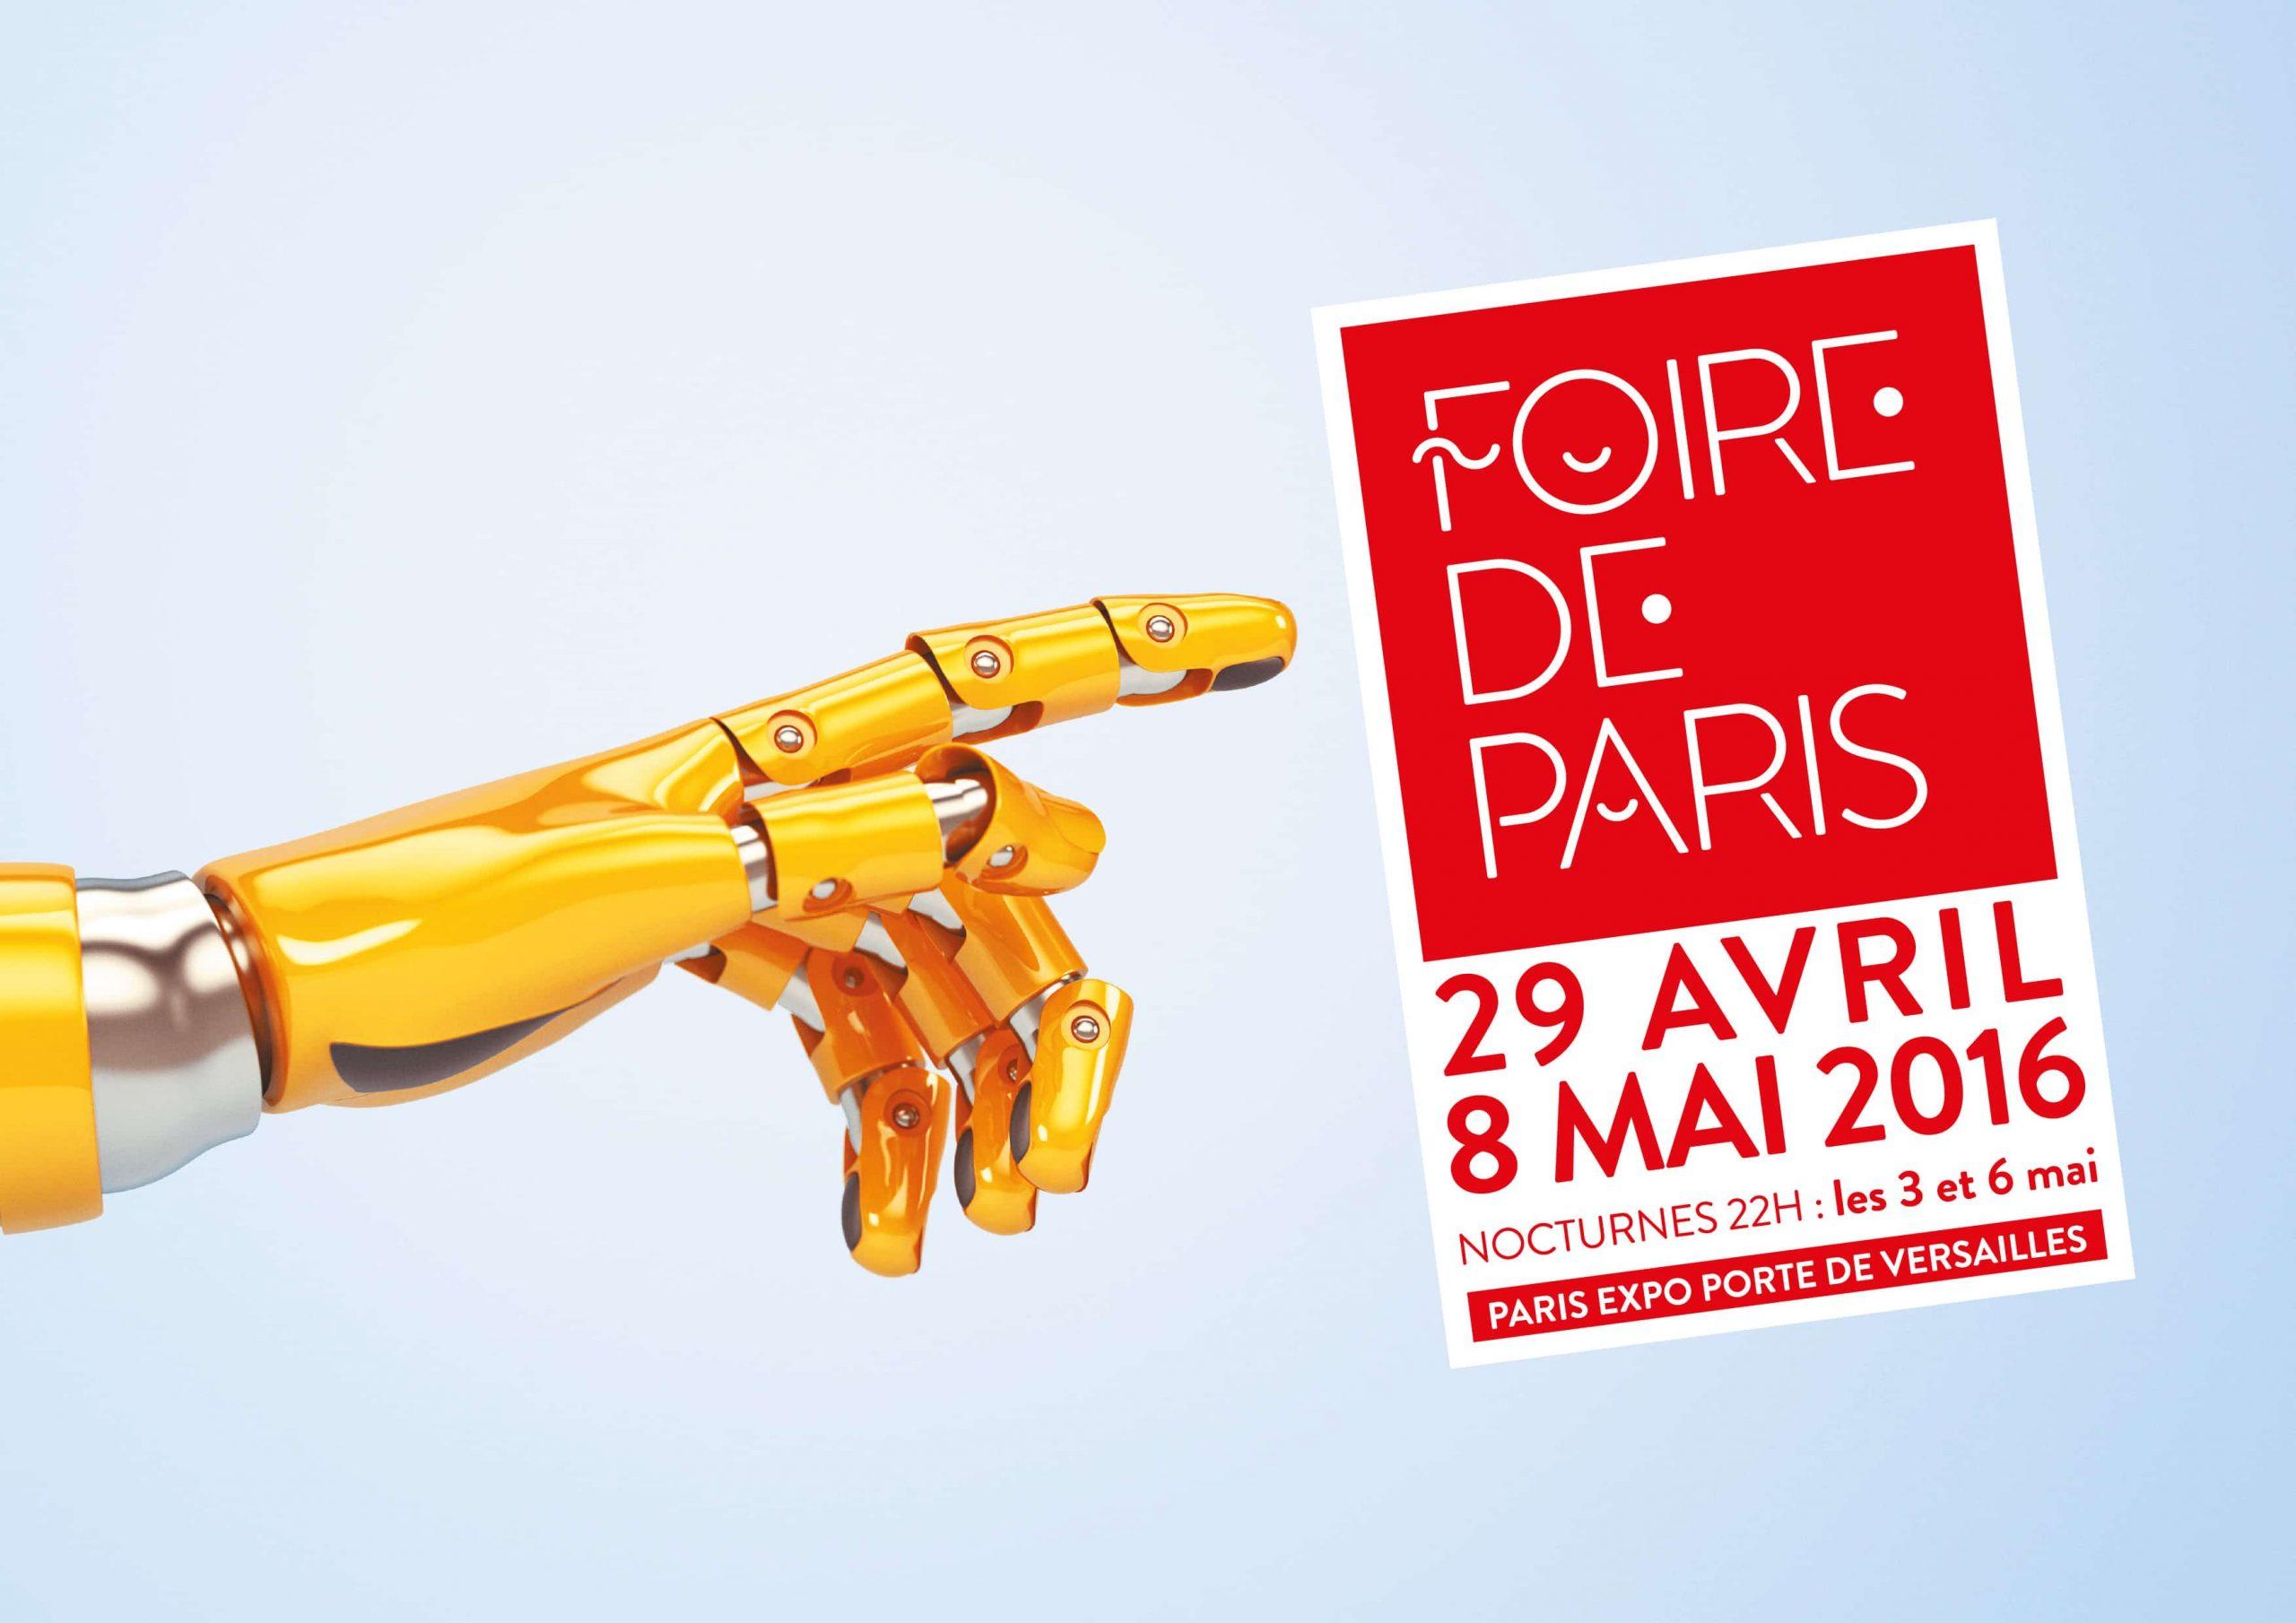 Hase présent à la Foire de Paris – 29 avril au 8 mai